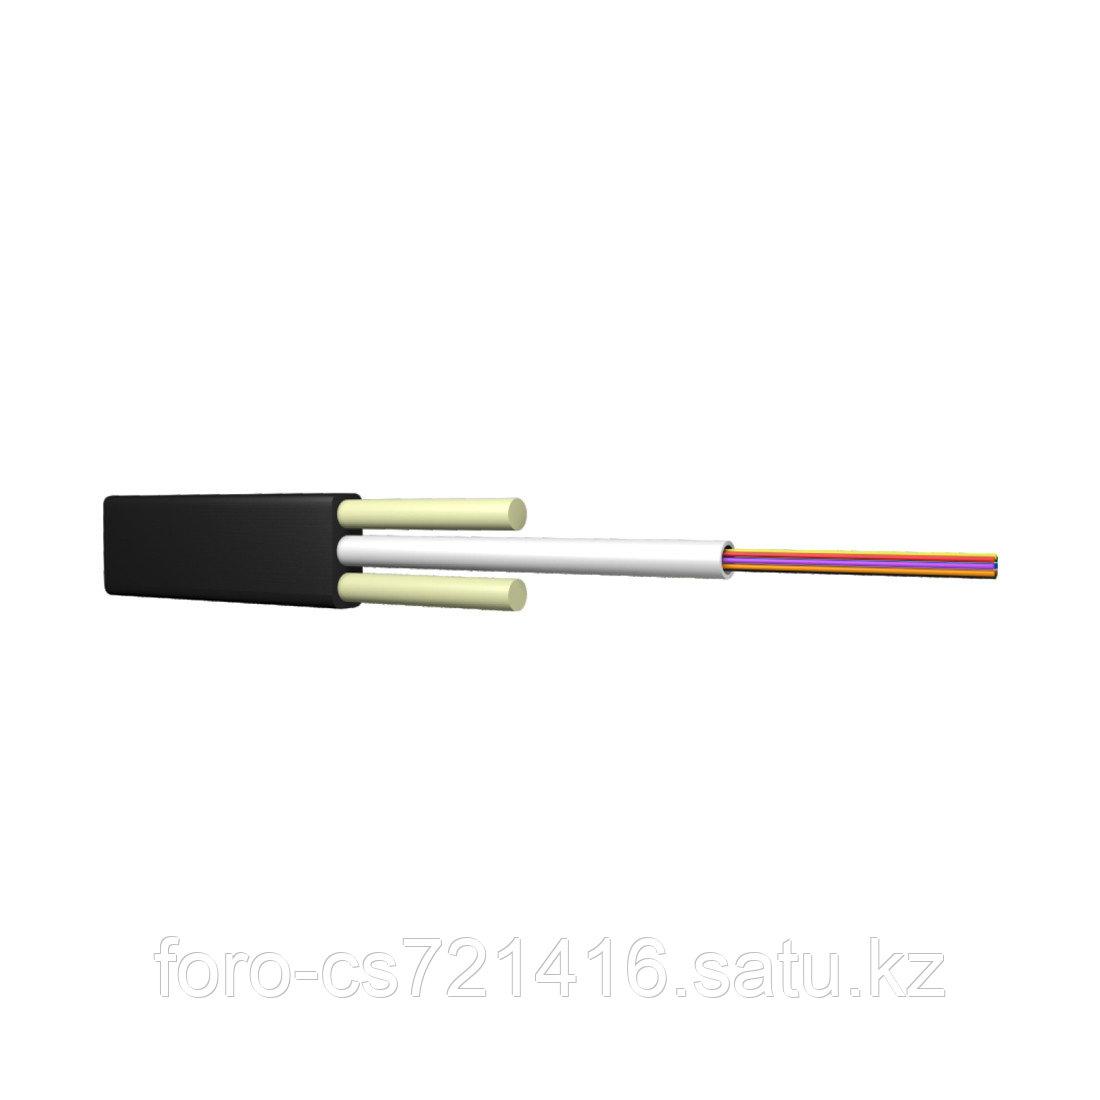 Кабель оптоволоконный ИК/Д2-Т-А1-1.1 кН (плоский)